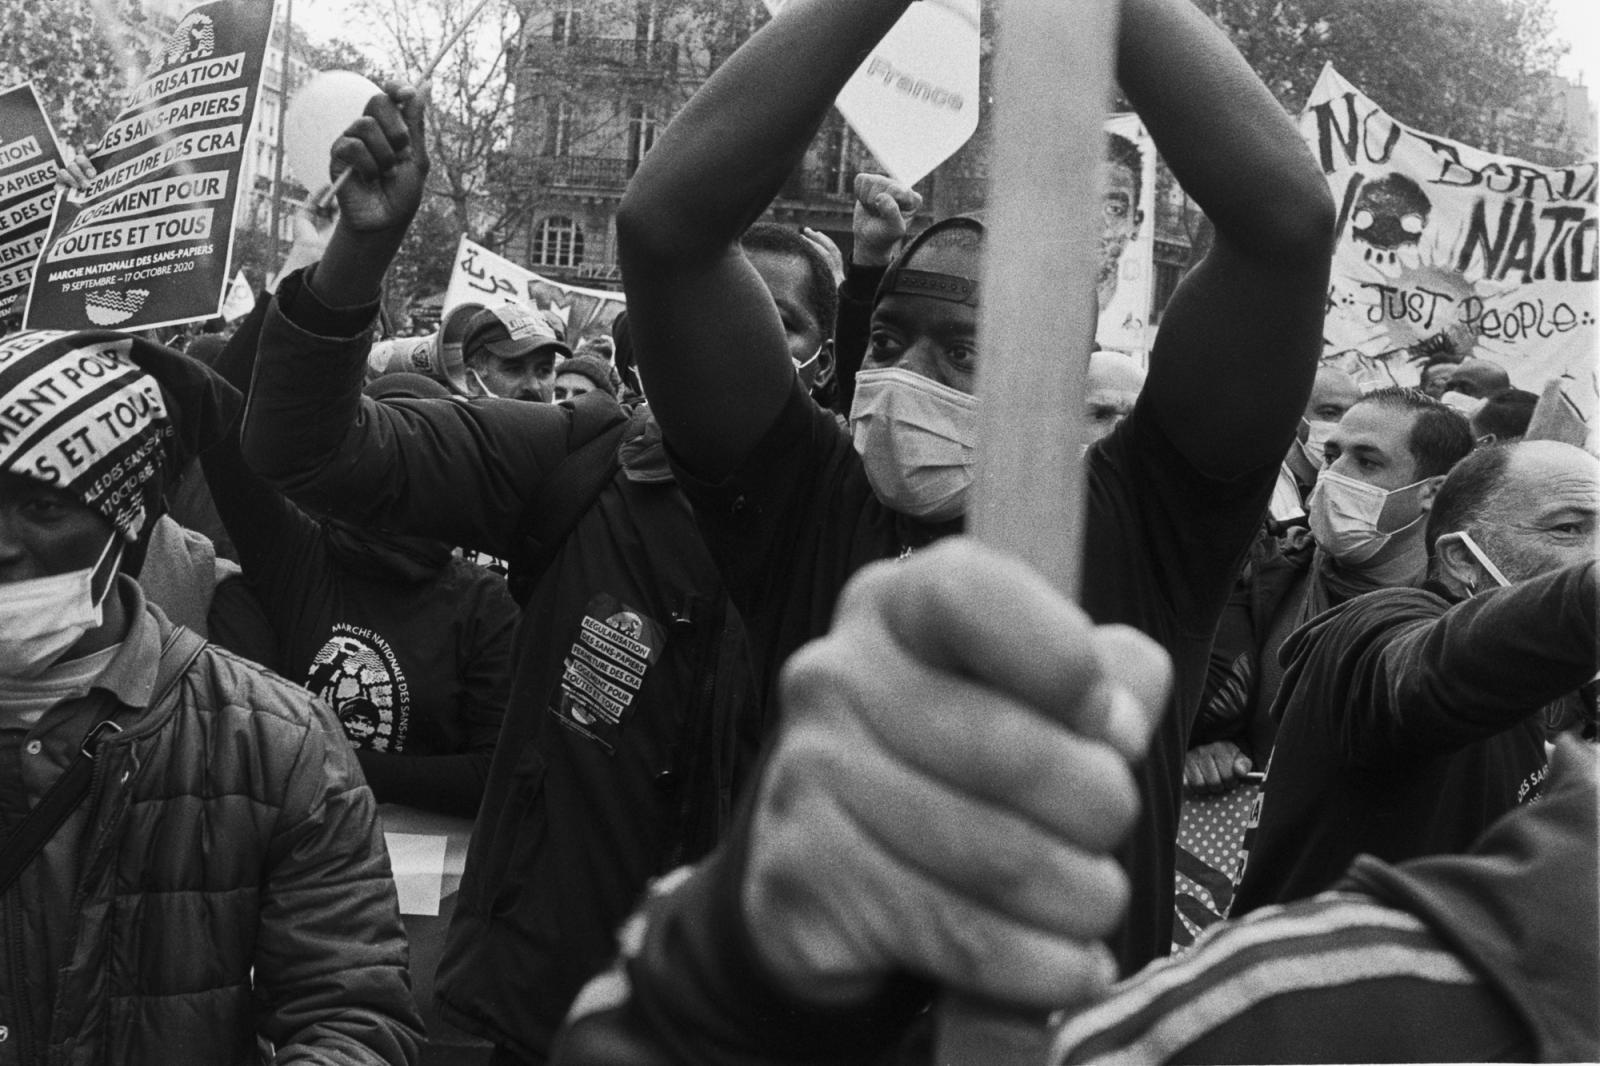 Manifestation des sans-papiers le samedi 17 Octobre 2020. Les manifestants viennent de la France entière. Ils se sont regroupés à Place de la République à 14h après leur longue marche qui a commencé le 19 Septembre 2020, il réclamé leurs régularisation .Arrivé à Place de la république .